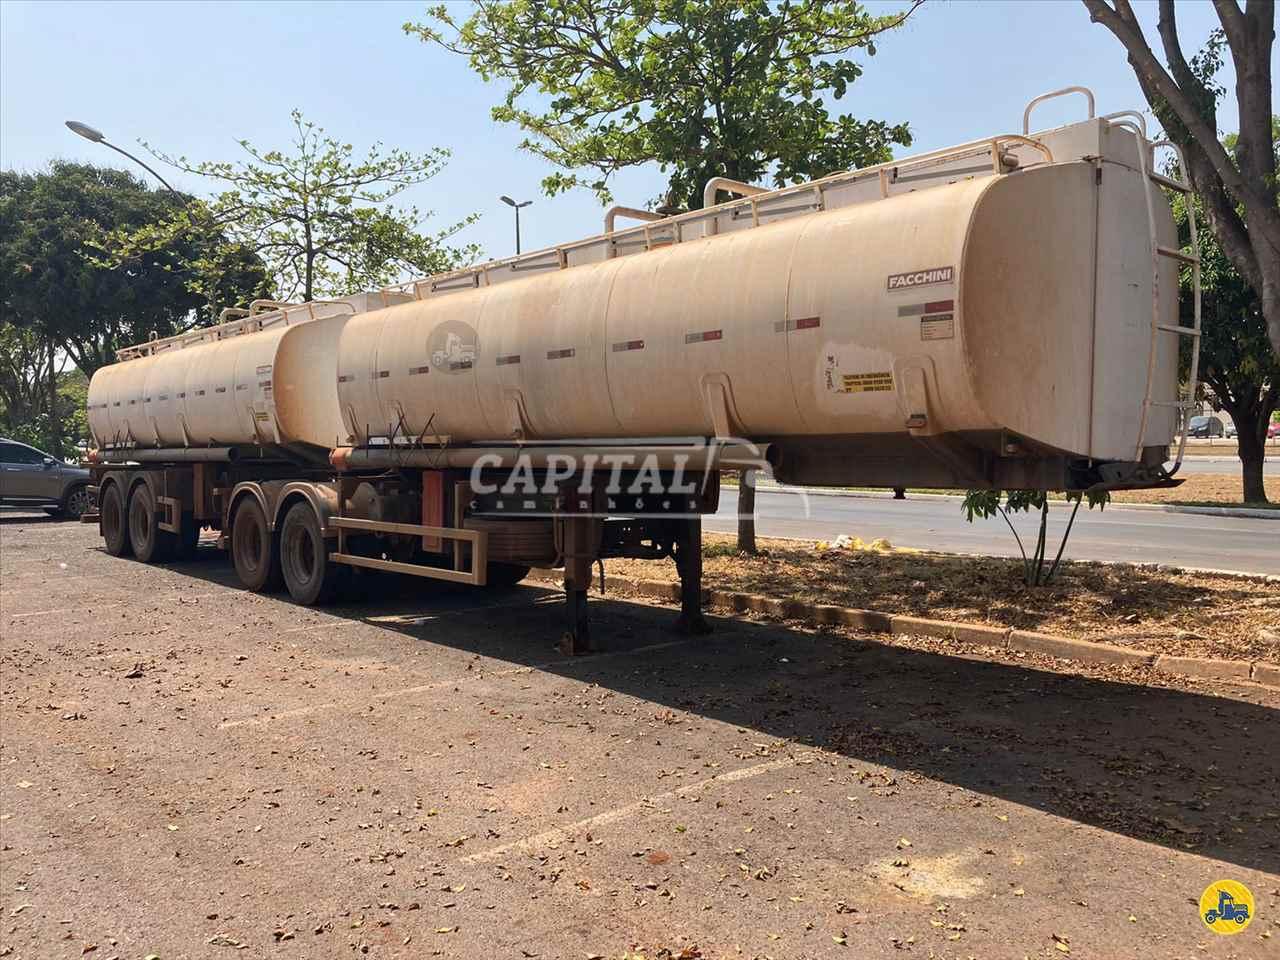 CARRETA BITREM TANQUE AÇO Capital Caminhões - Metalesp e Recrusul  BRASILIA DISTRITO FEDERAL DF